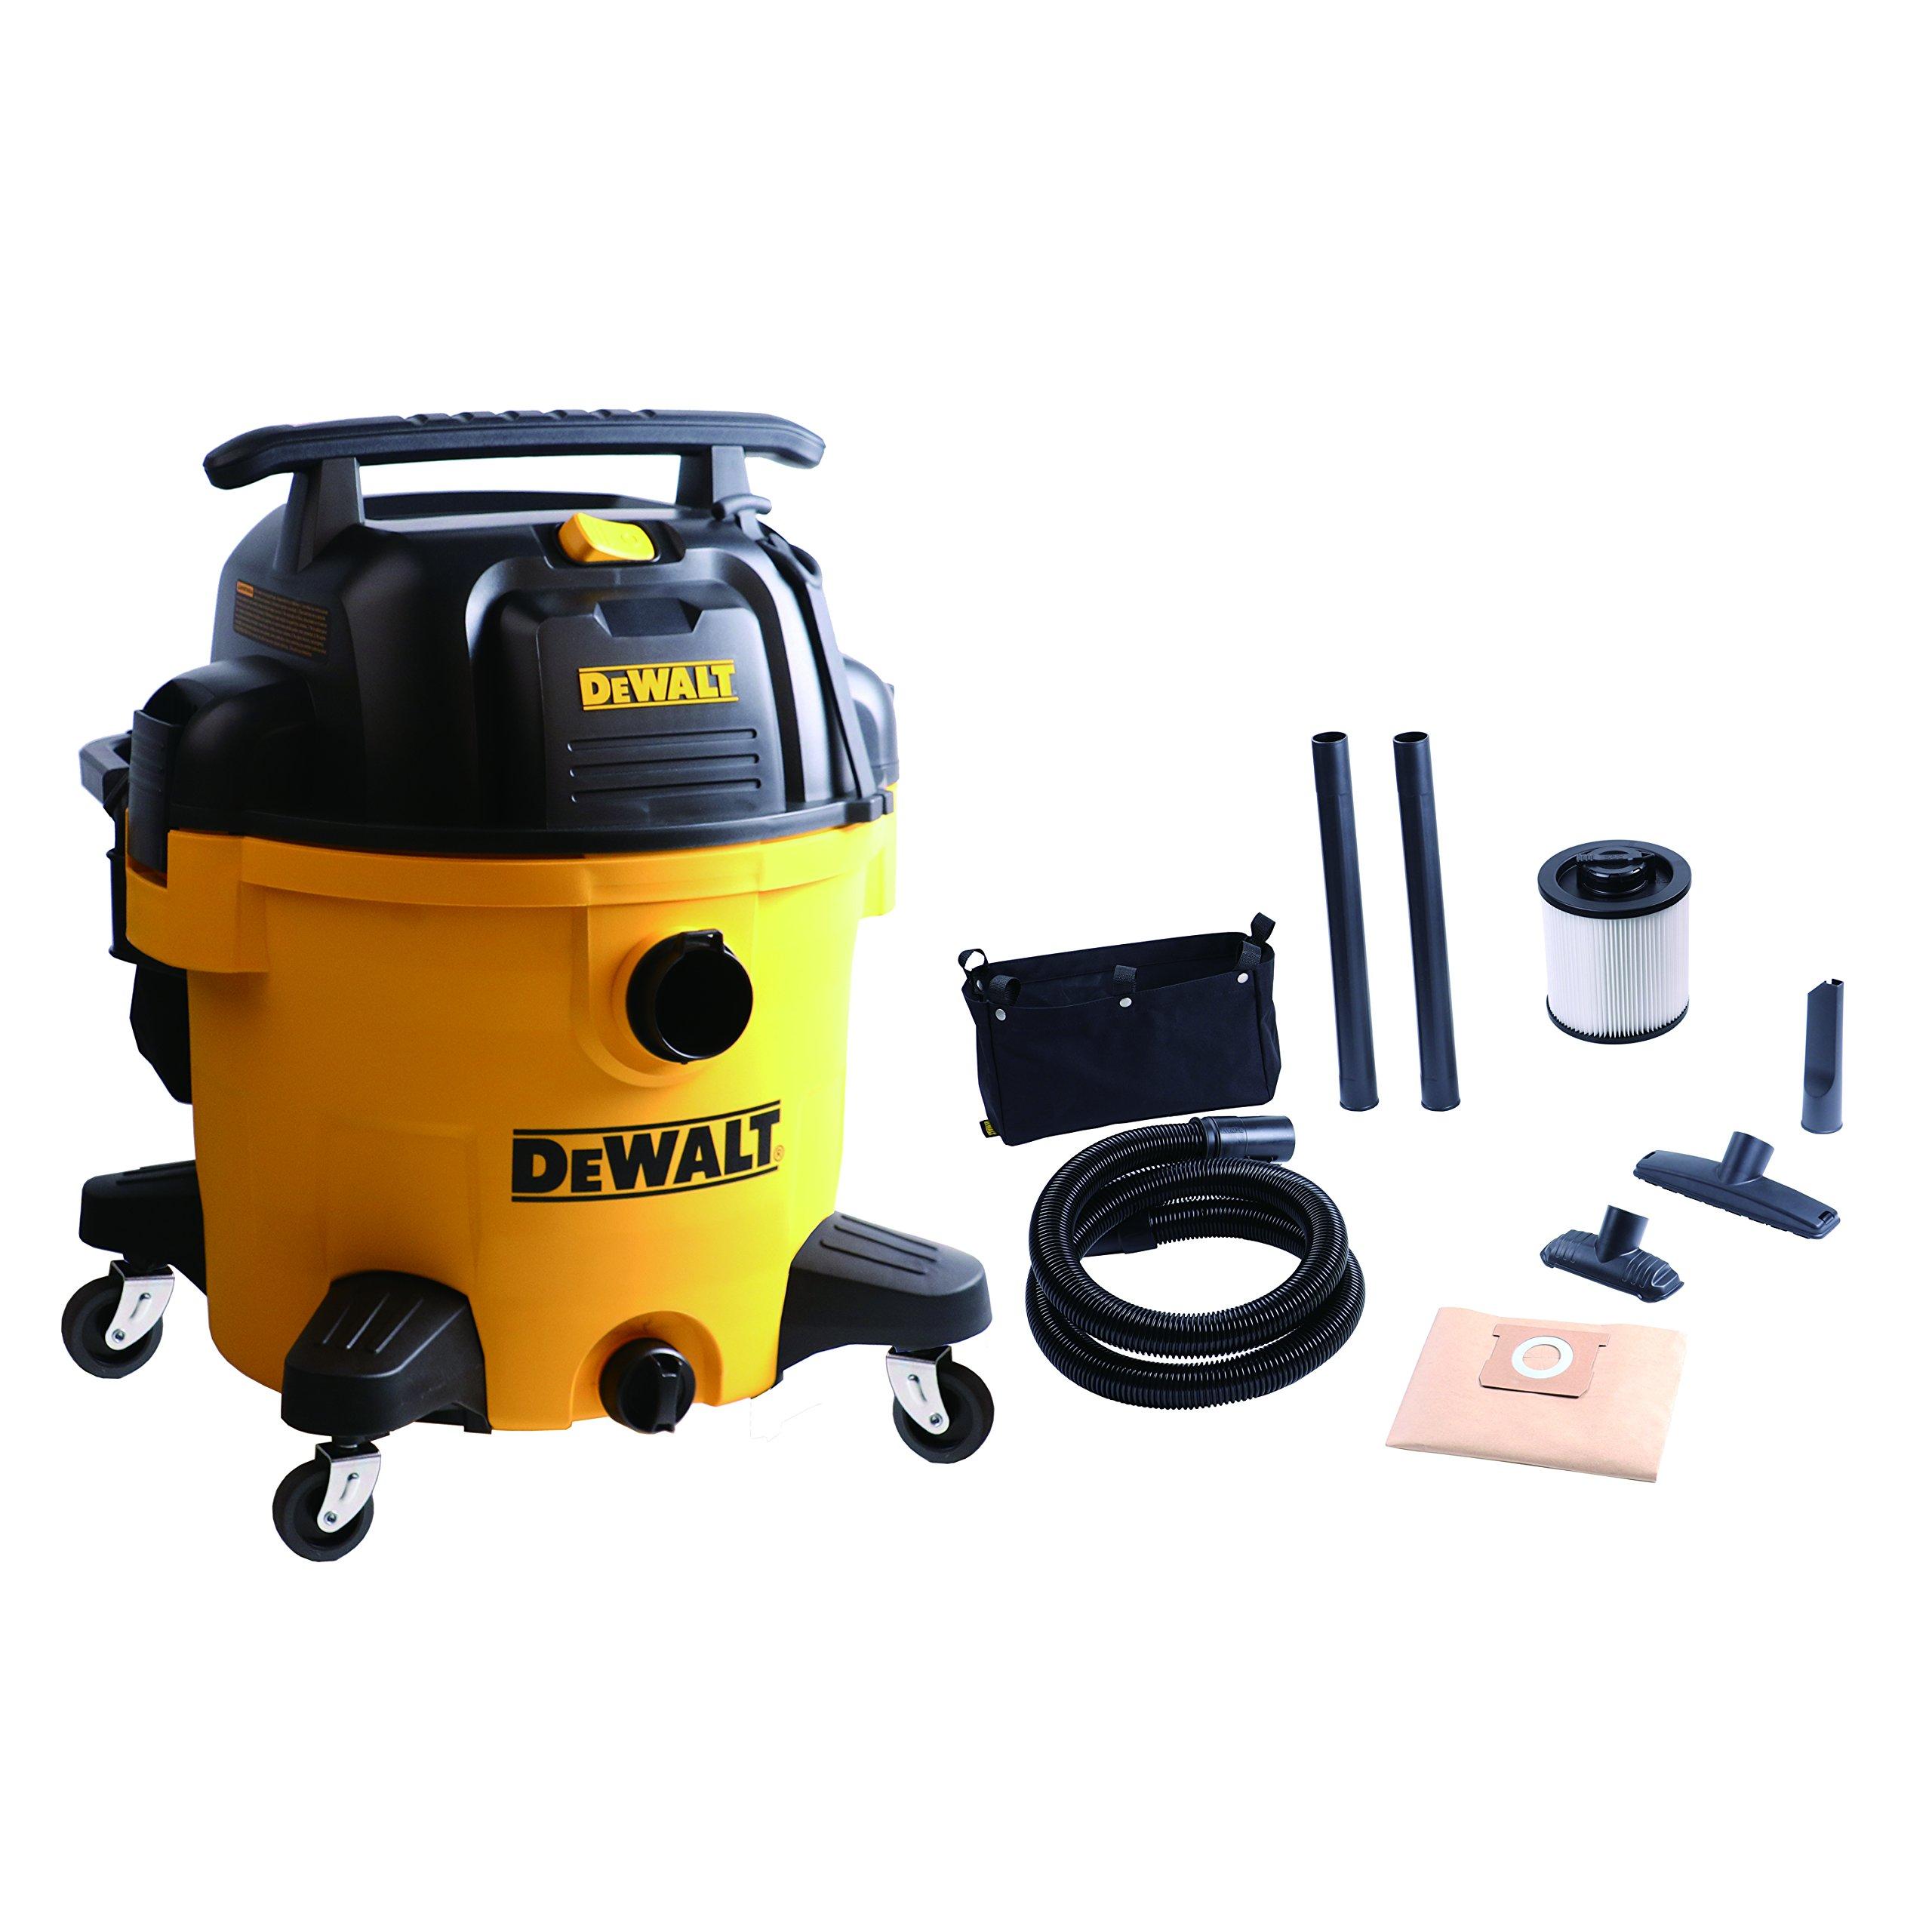 DEWALT DXV10P 10 Gallon Quiet Poly Wet Dry Vacuum Yellow by DEWALT (Image #2)